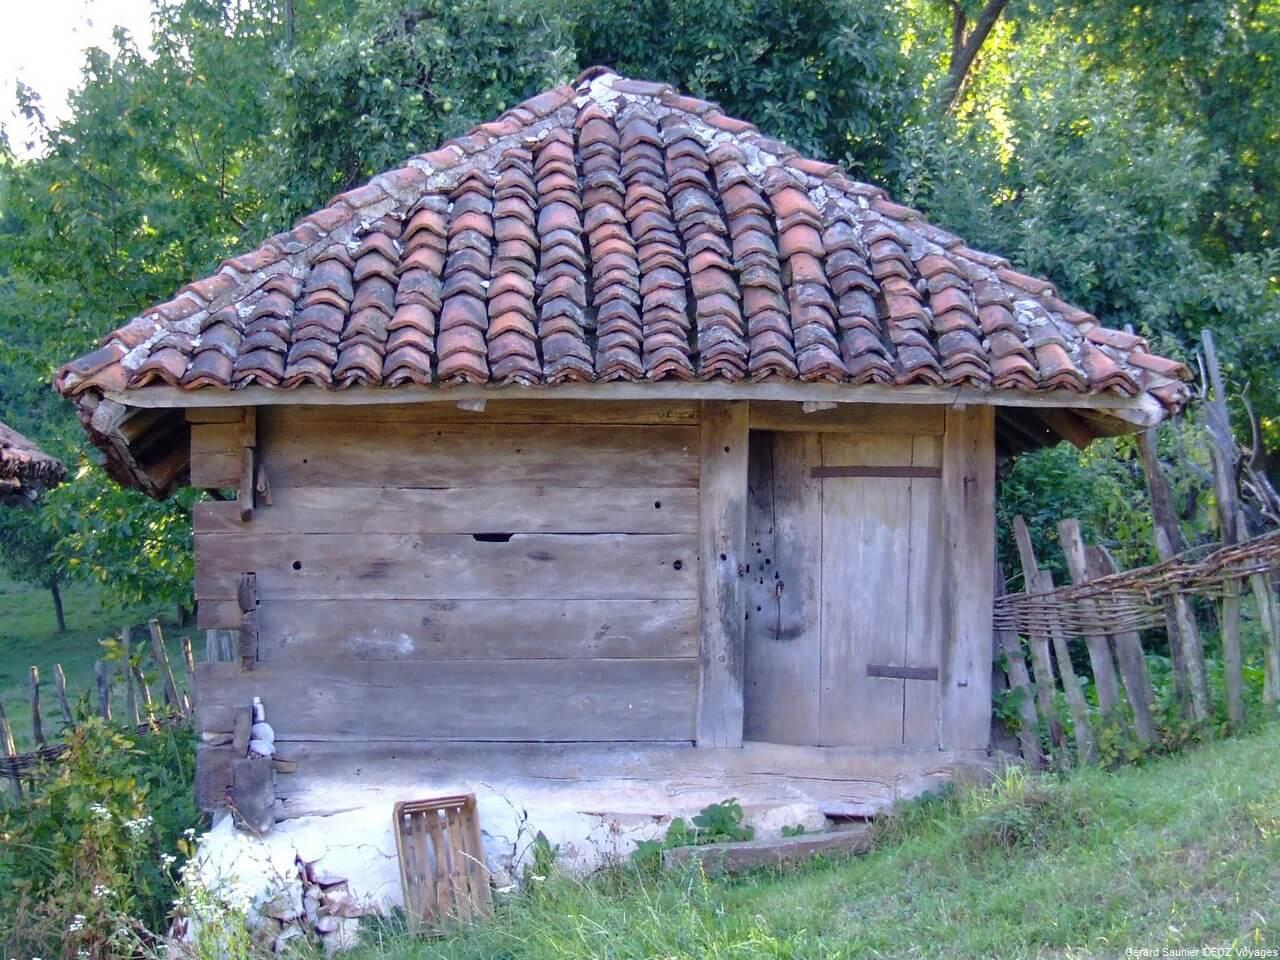 Rencontre inoubliable à Arilje en Serbie centrale : merveilleux souvenir 11